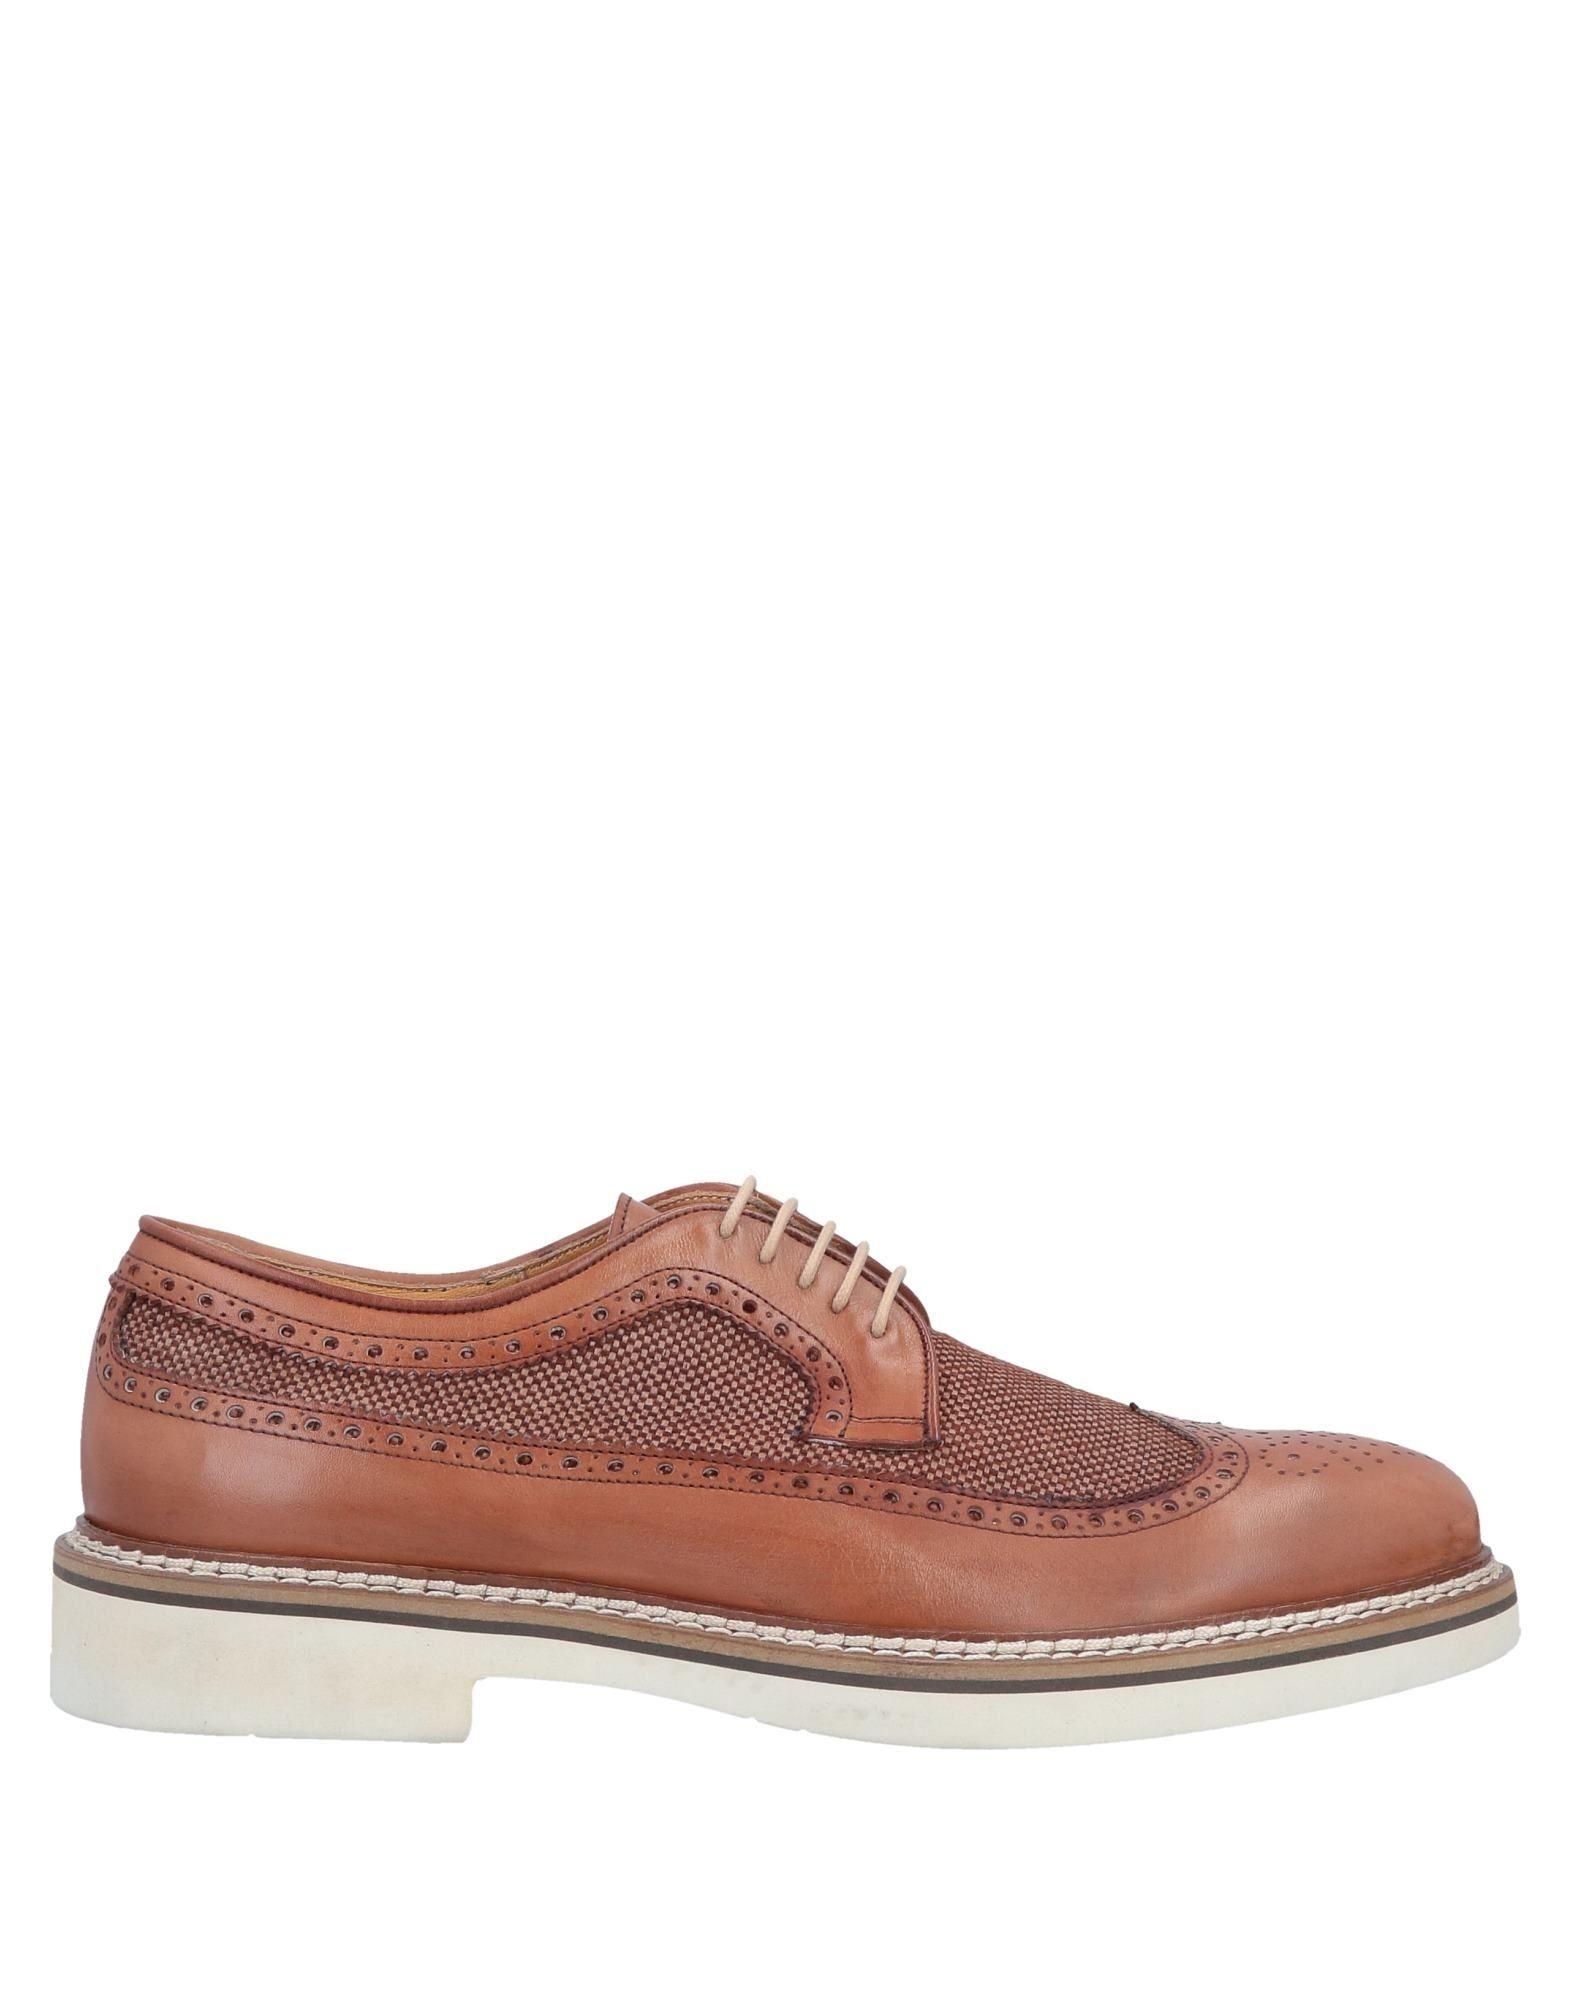 Фото - MAROTTA Обувь на шнурках обувь на высокой платформе dkny